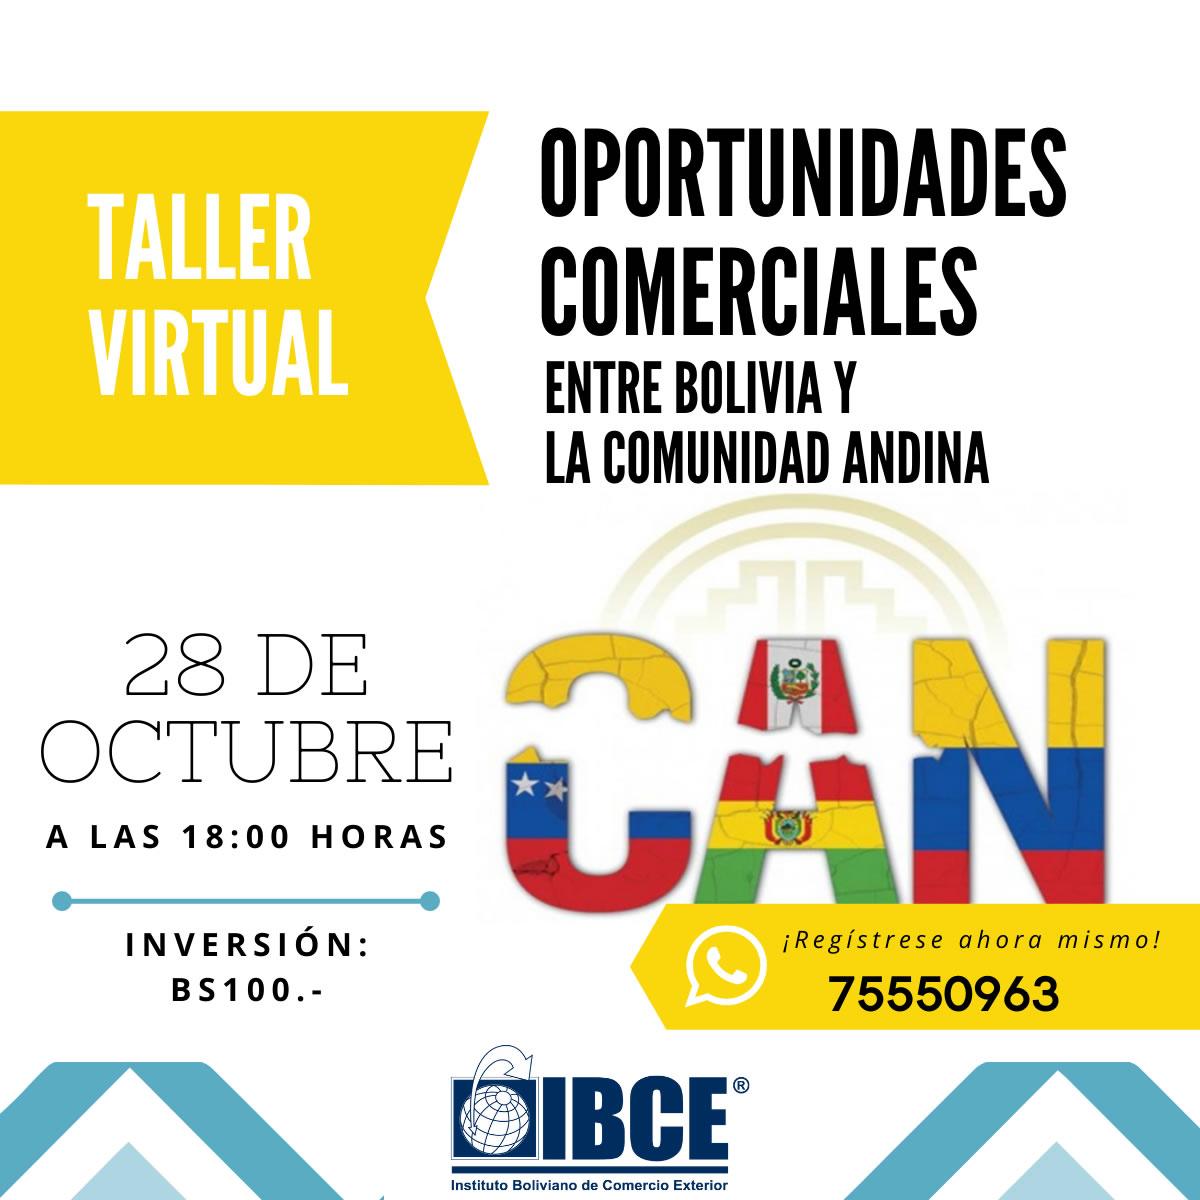 Taller Virtual: Oportunidades Comerciales entre Bolivia la Comunidad Andina